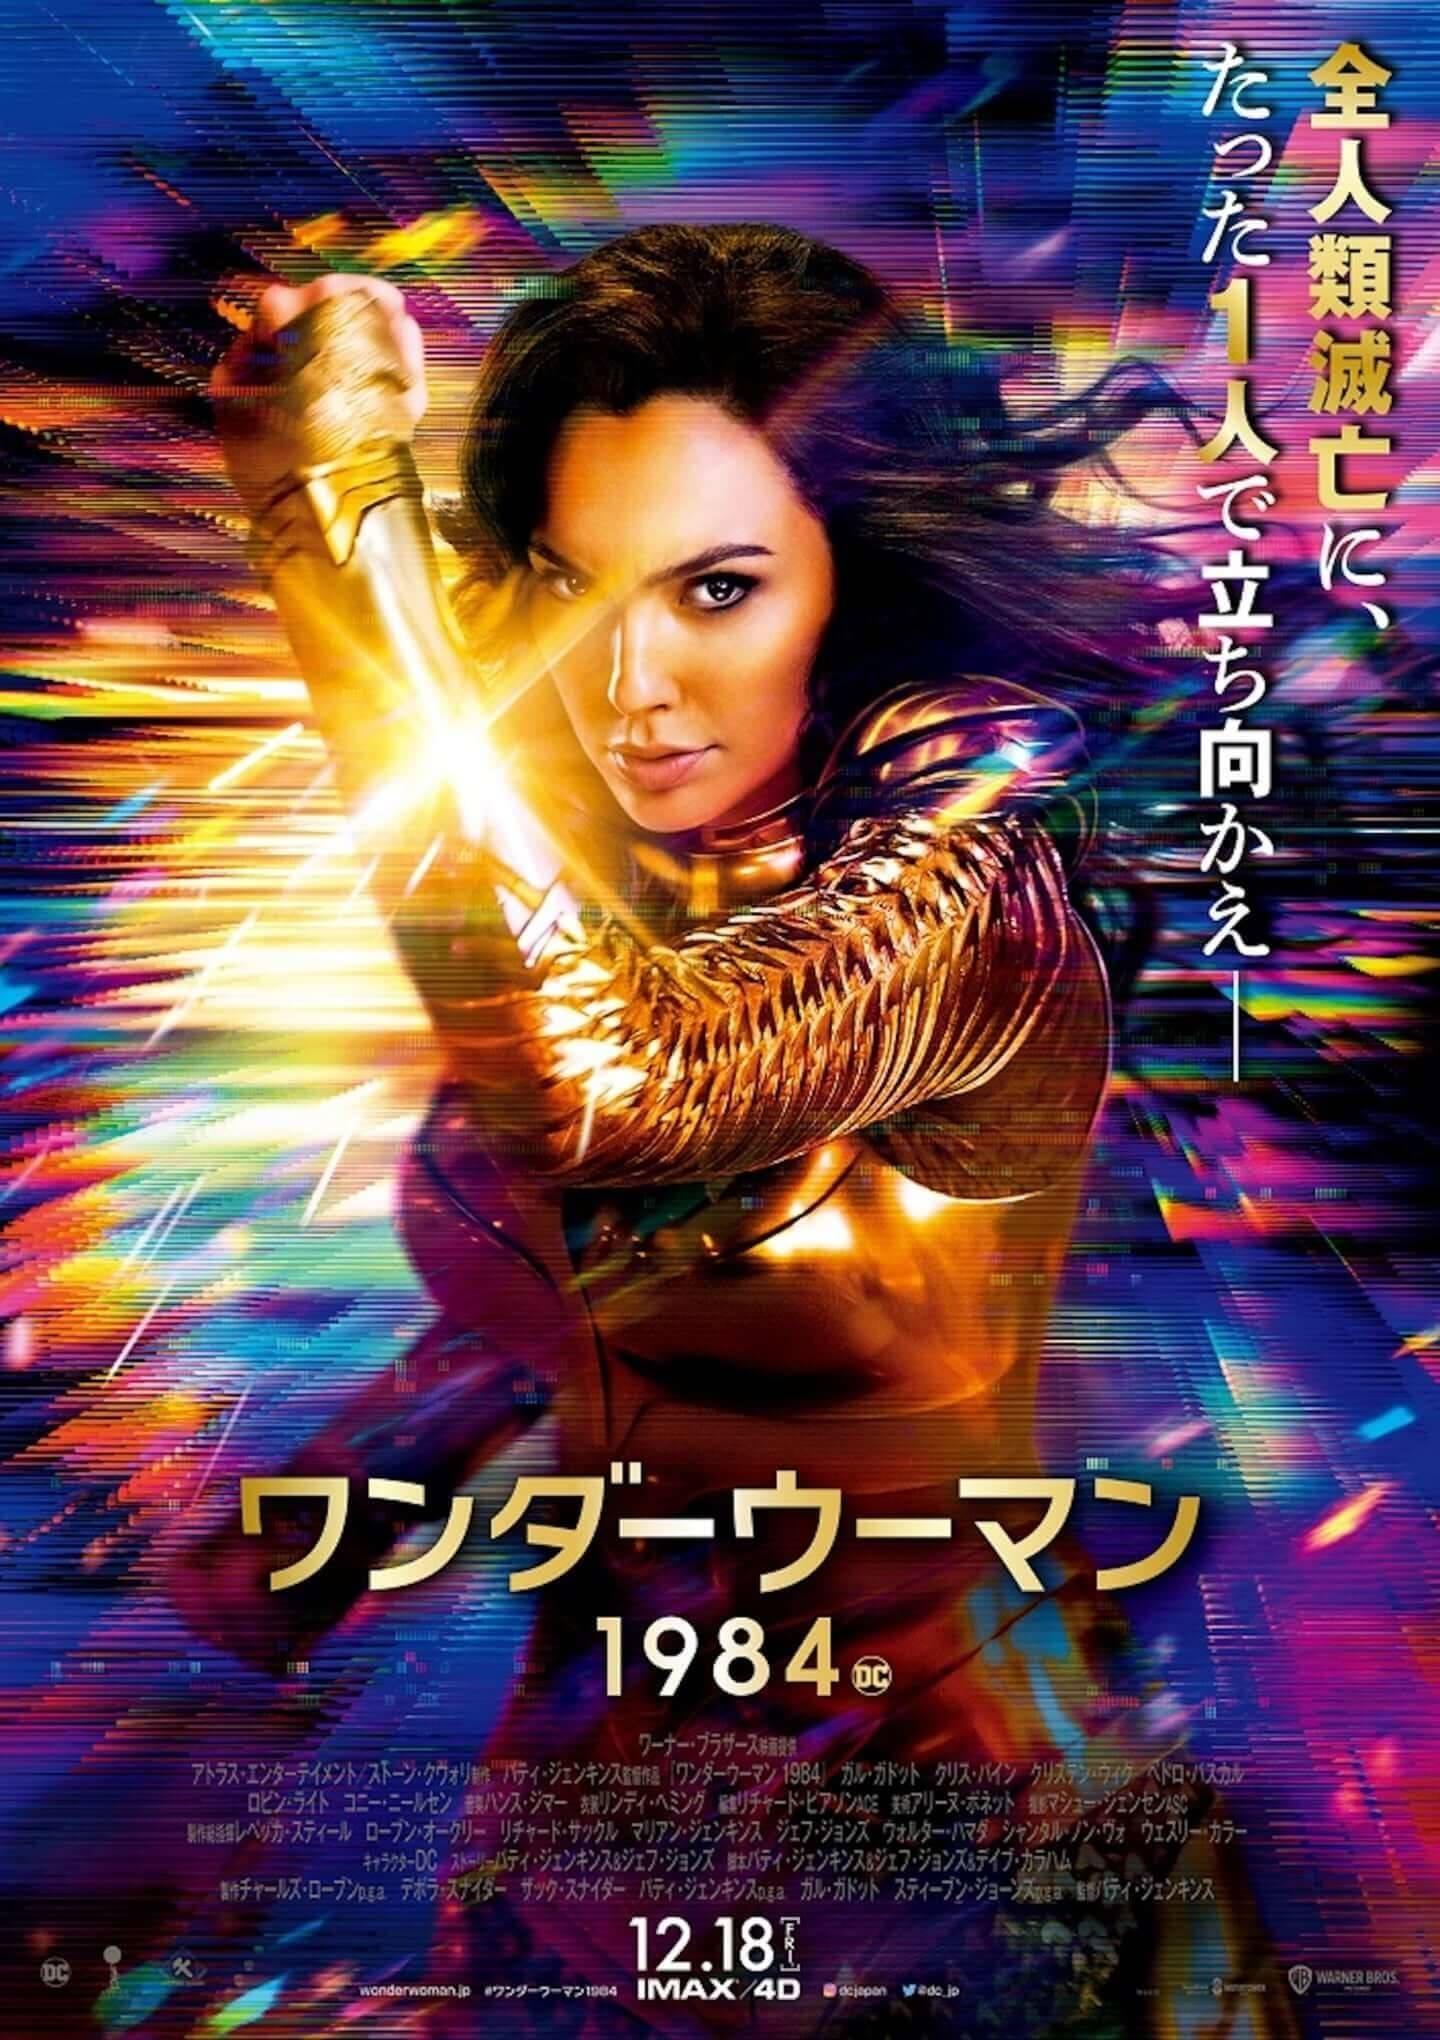 Wonder Woman 1984 (2020) Film Streaming VK | StreamVoir